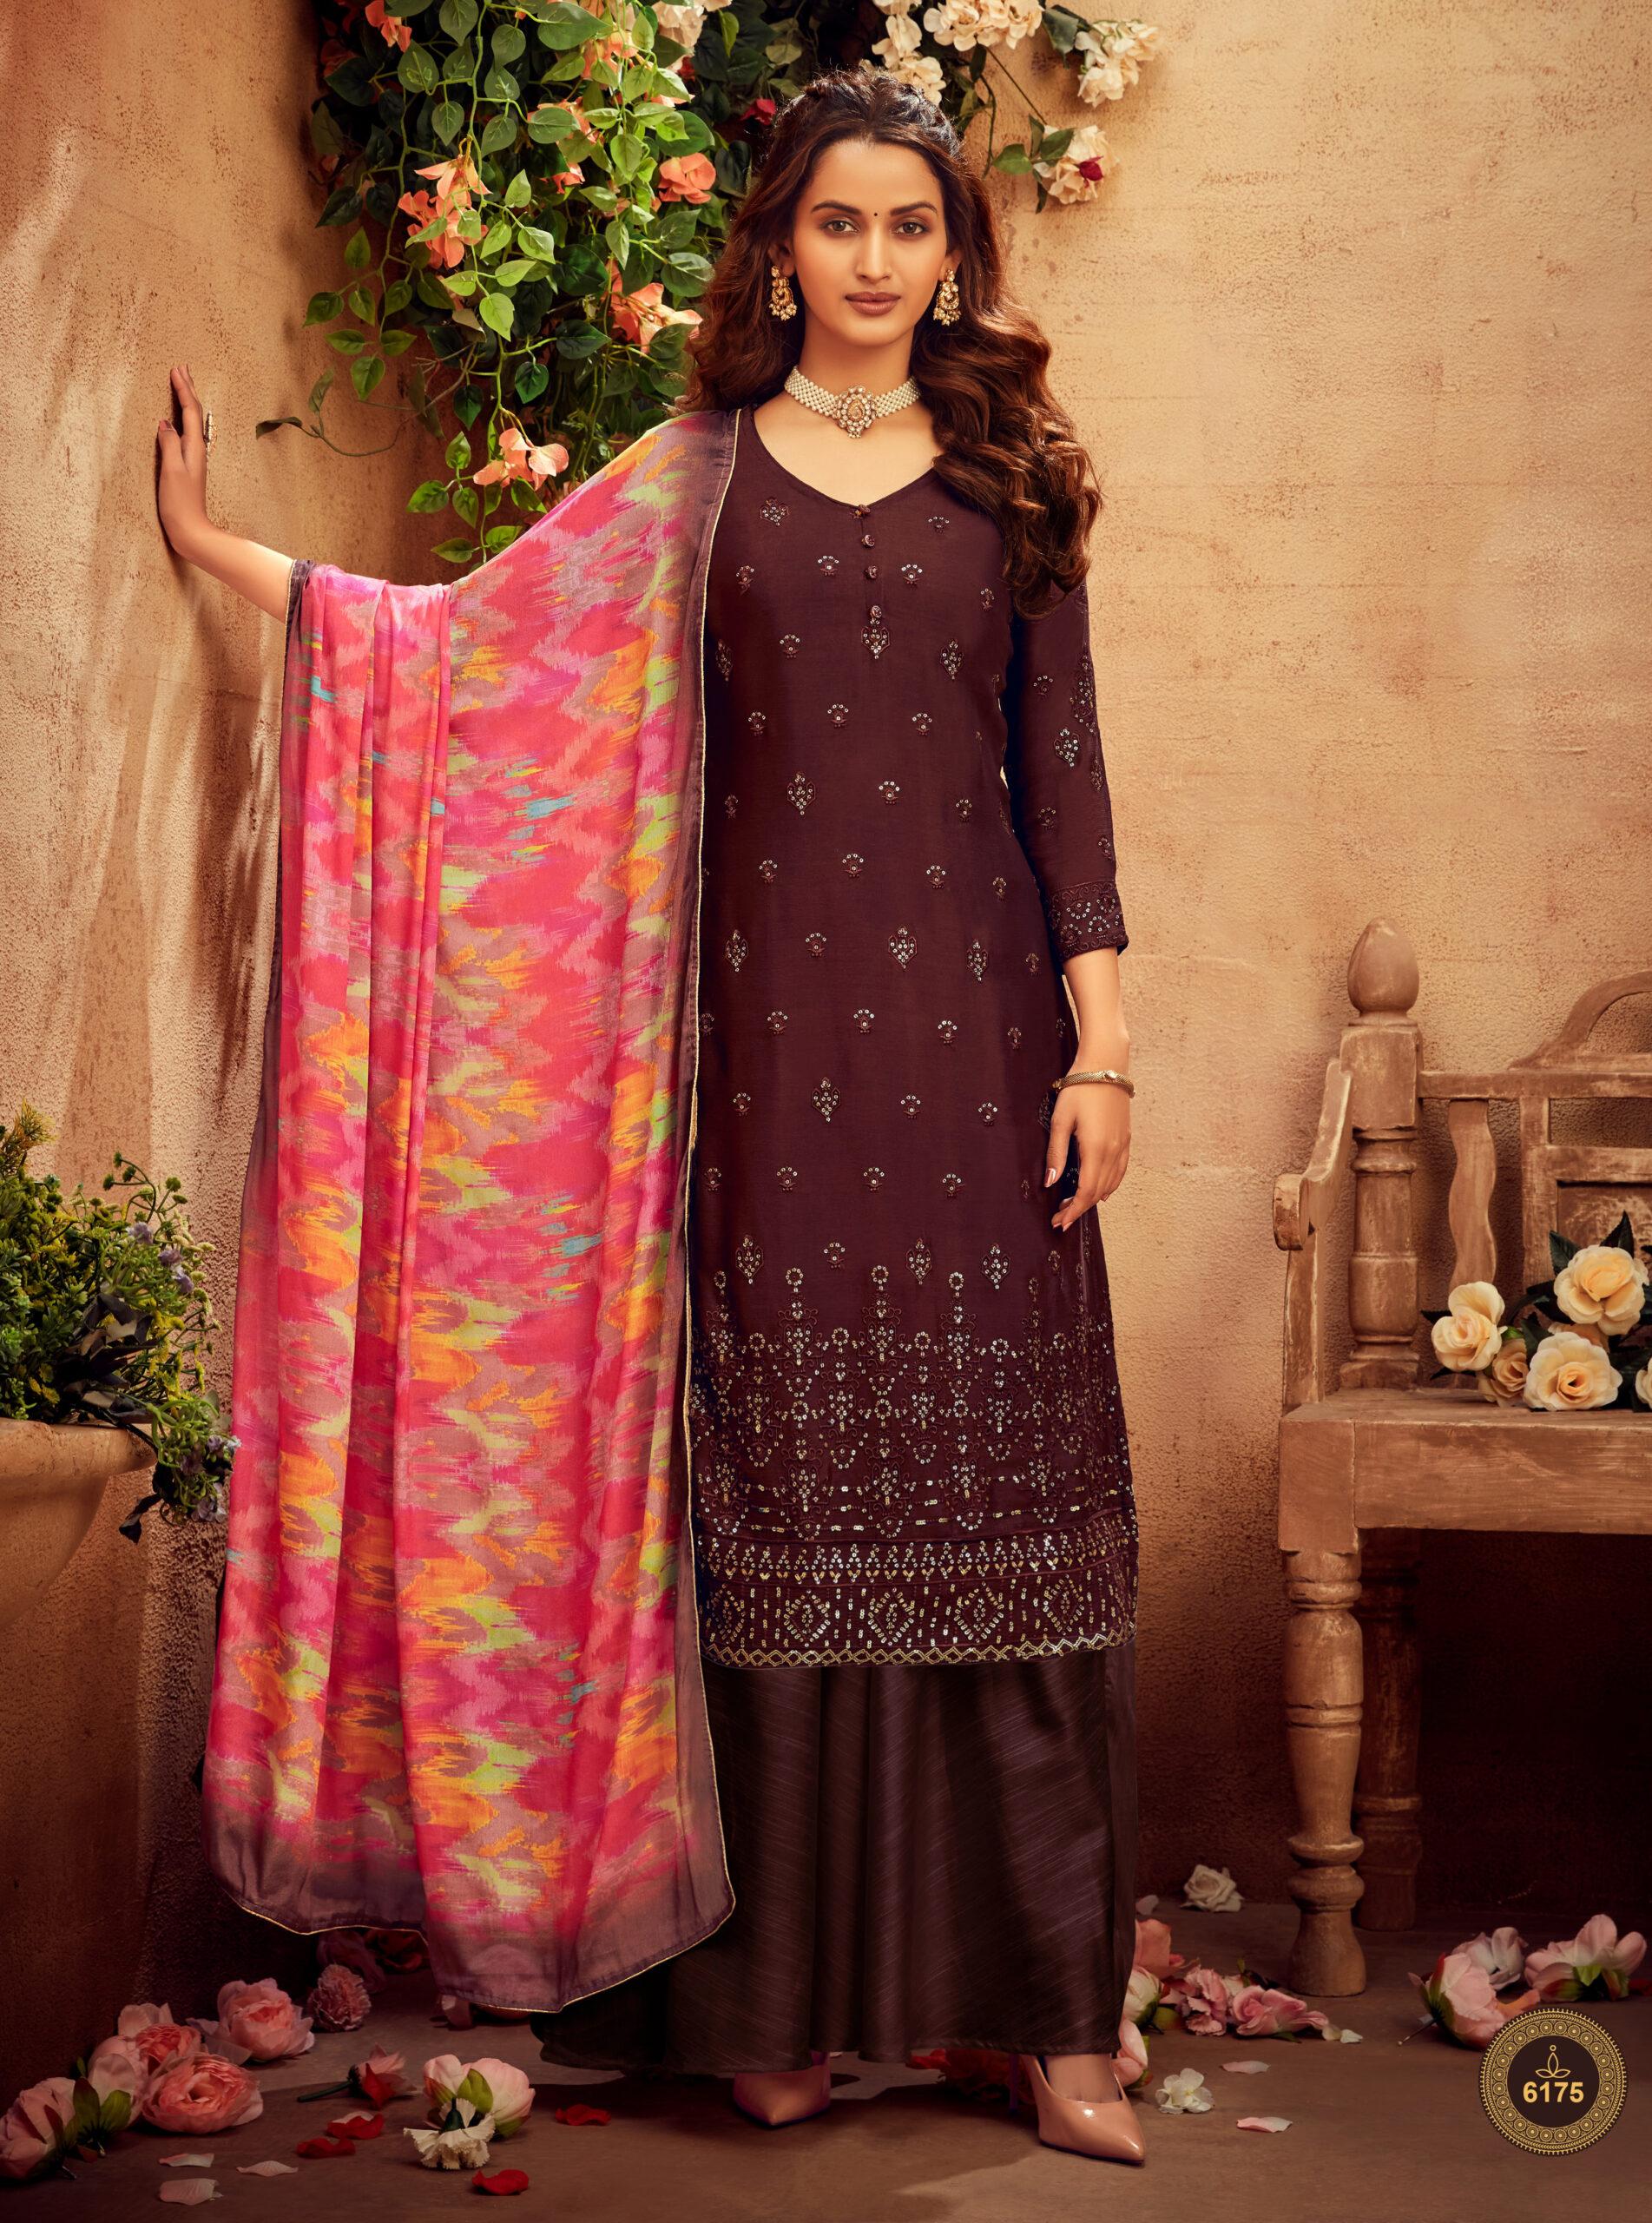 Suit Neck Design Front new fashion salwar suits design Maroon Colour